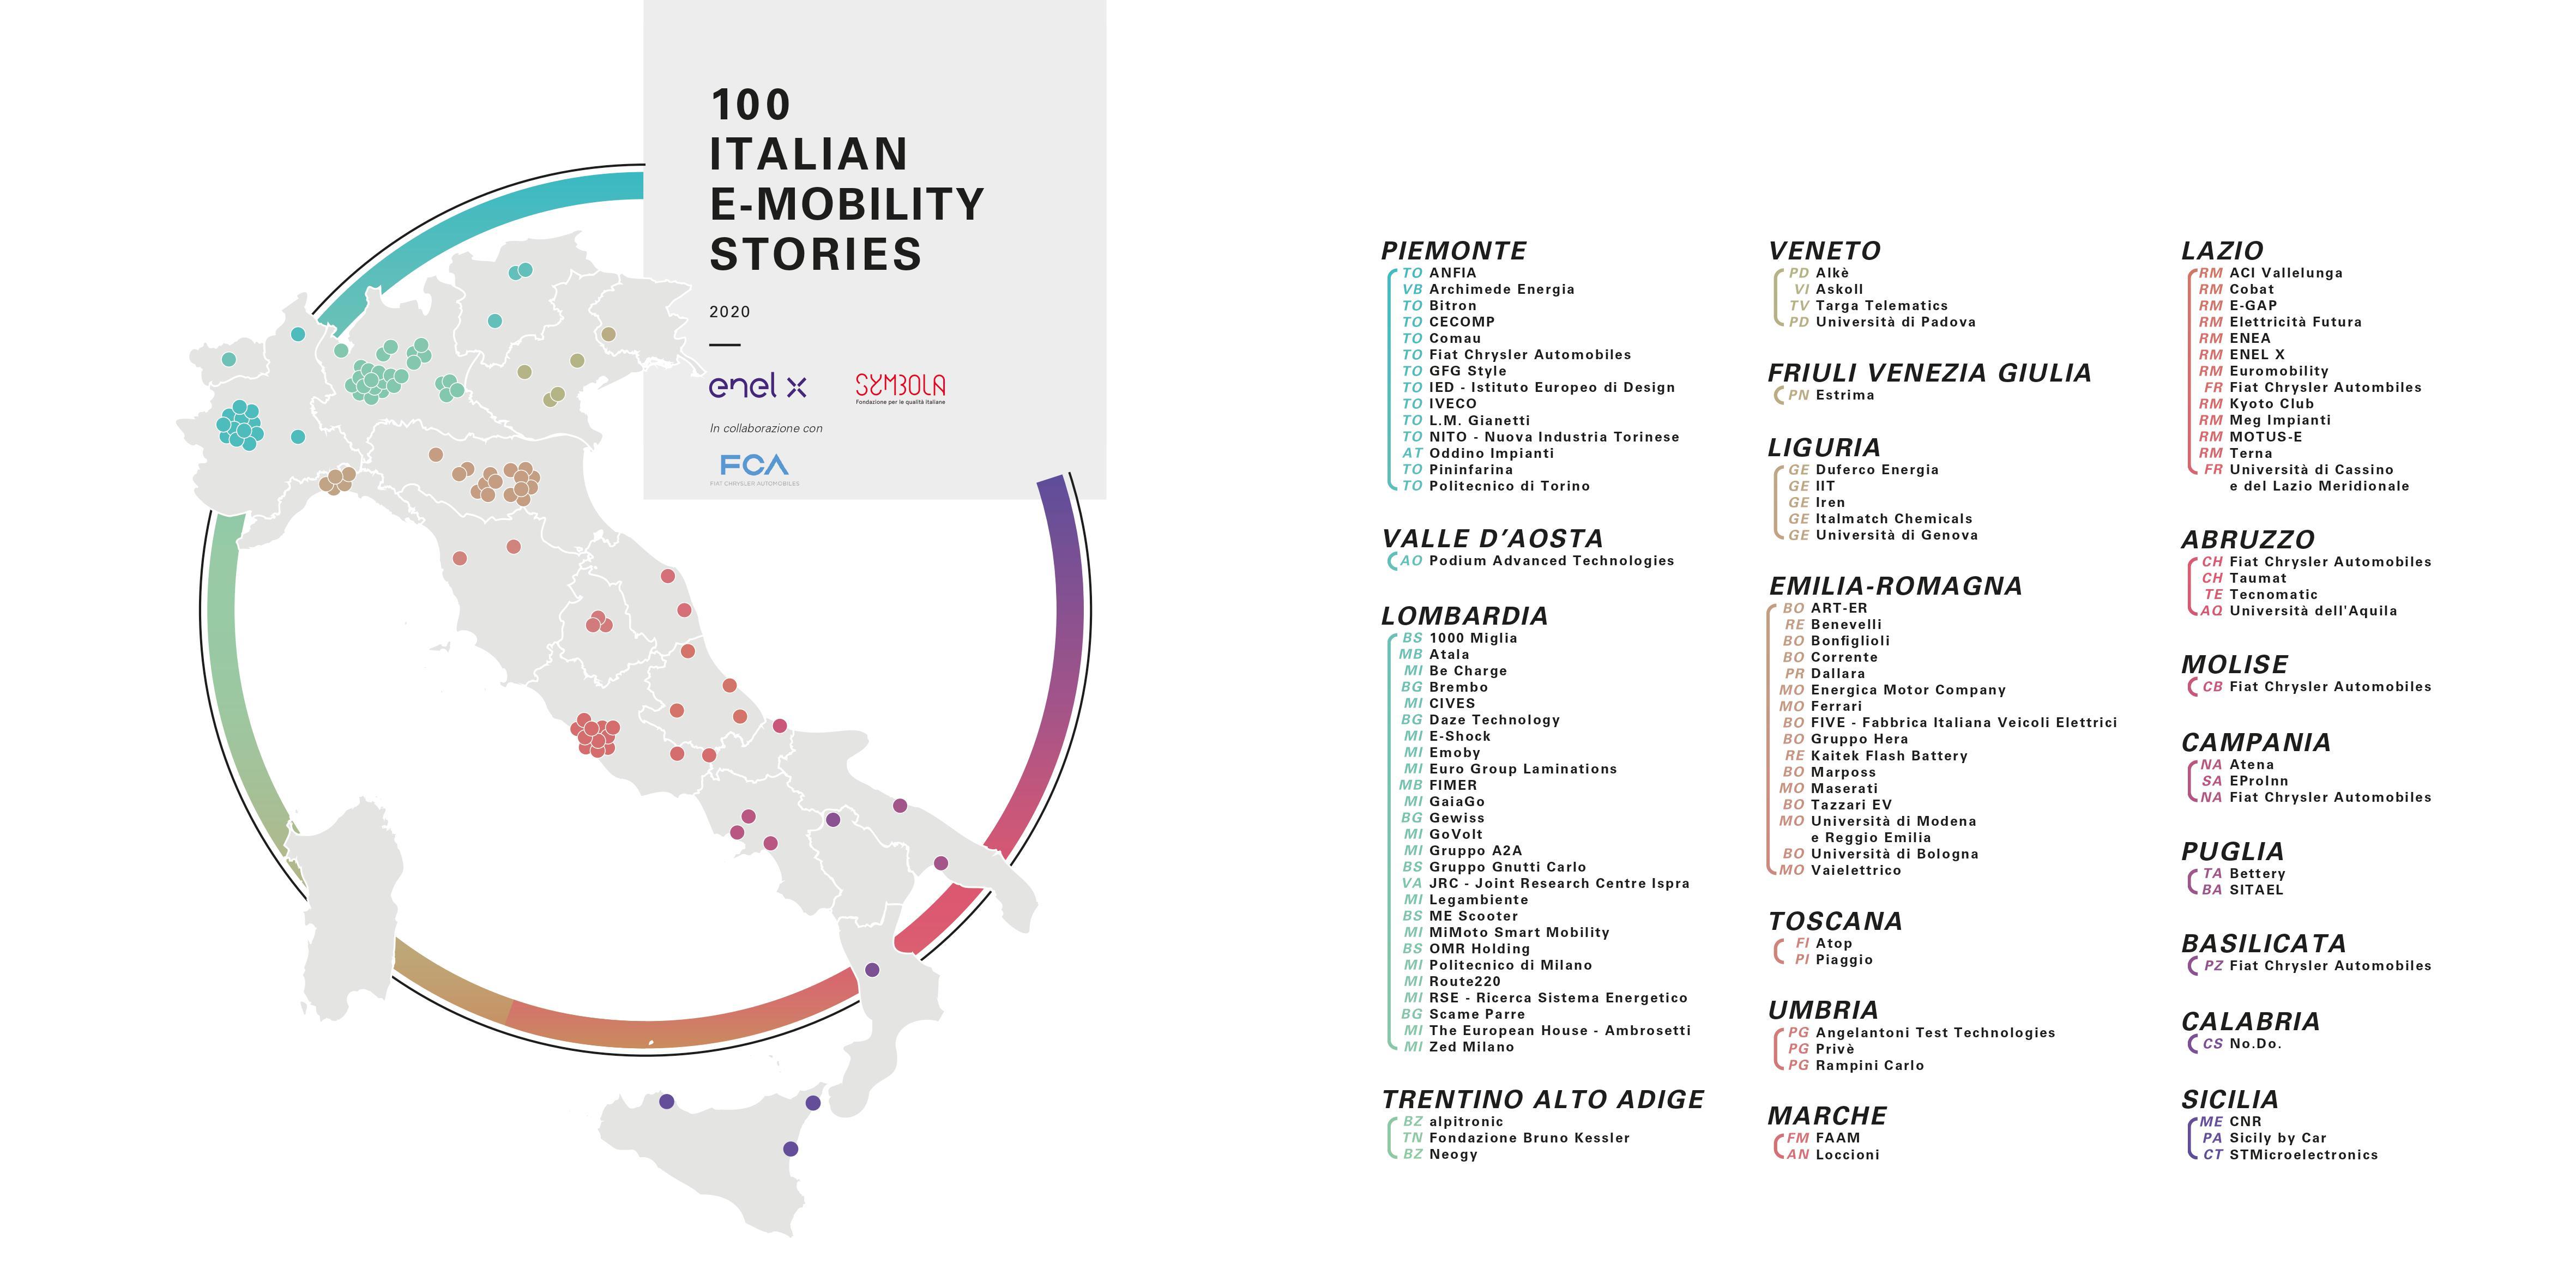 100 ITALIAN E-MOBILITY STORIES: la mappa delle storie della ricerca sulla mobilità elettrica